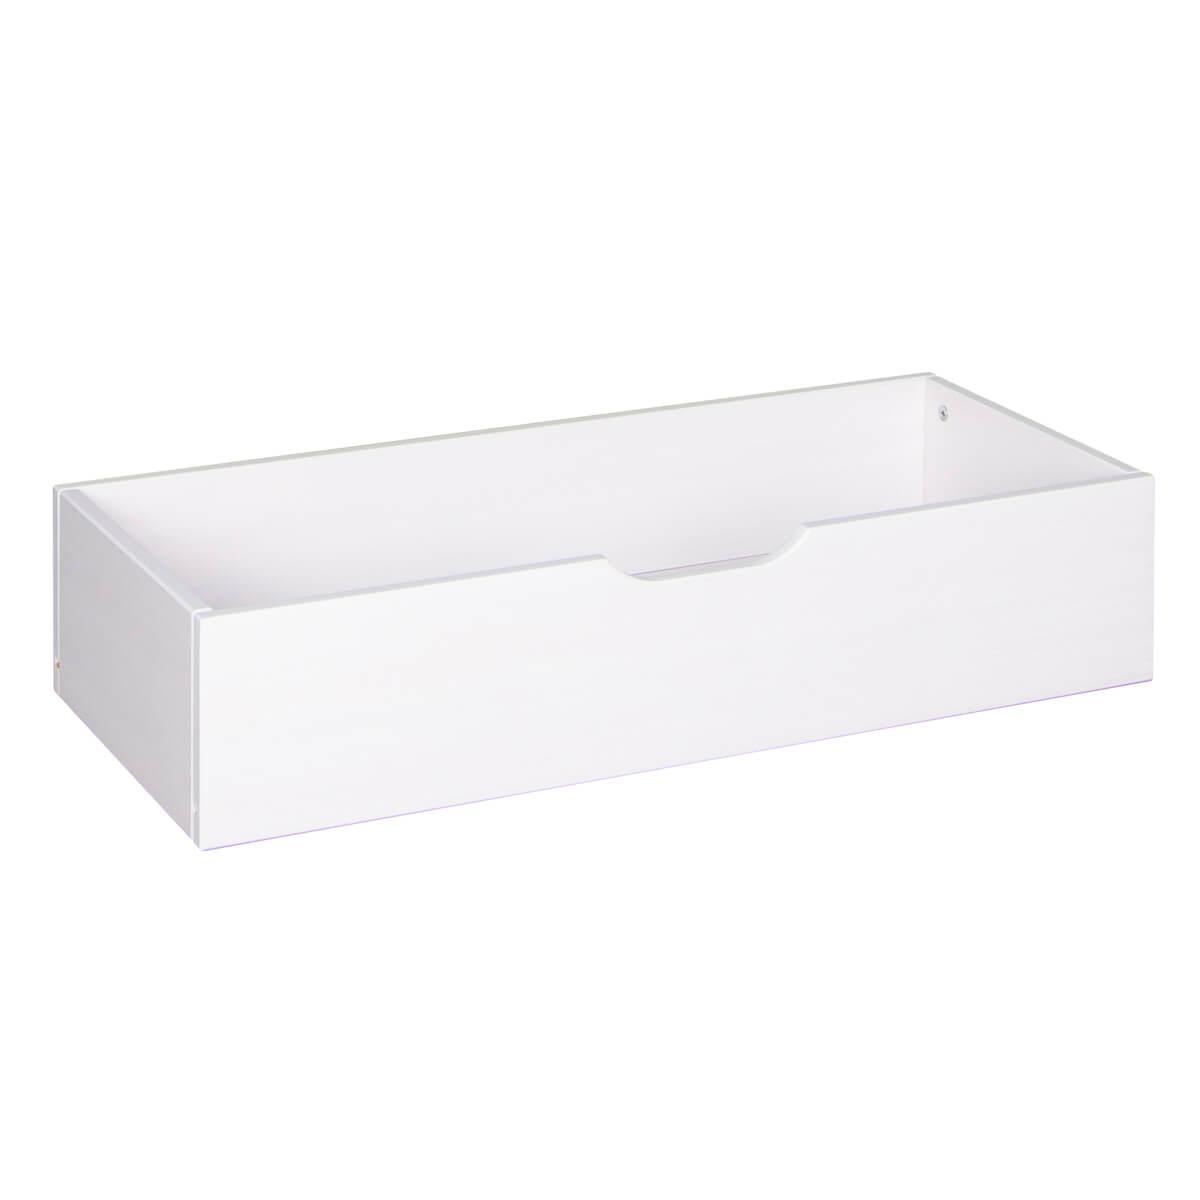 Schublade für Schubladenpodest 4 Rollen DESTYLE Debreuyn Buchenfurnierte Spanplatte weiß gebeizt-lackiert